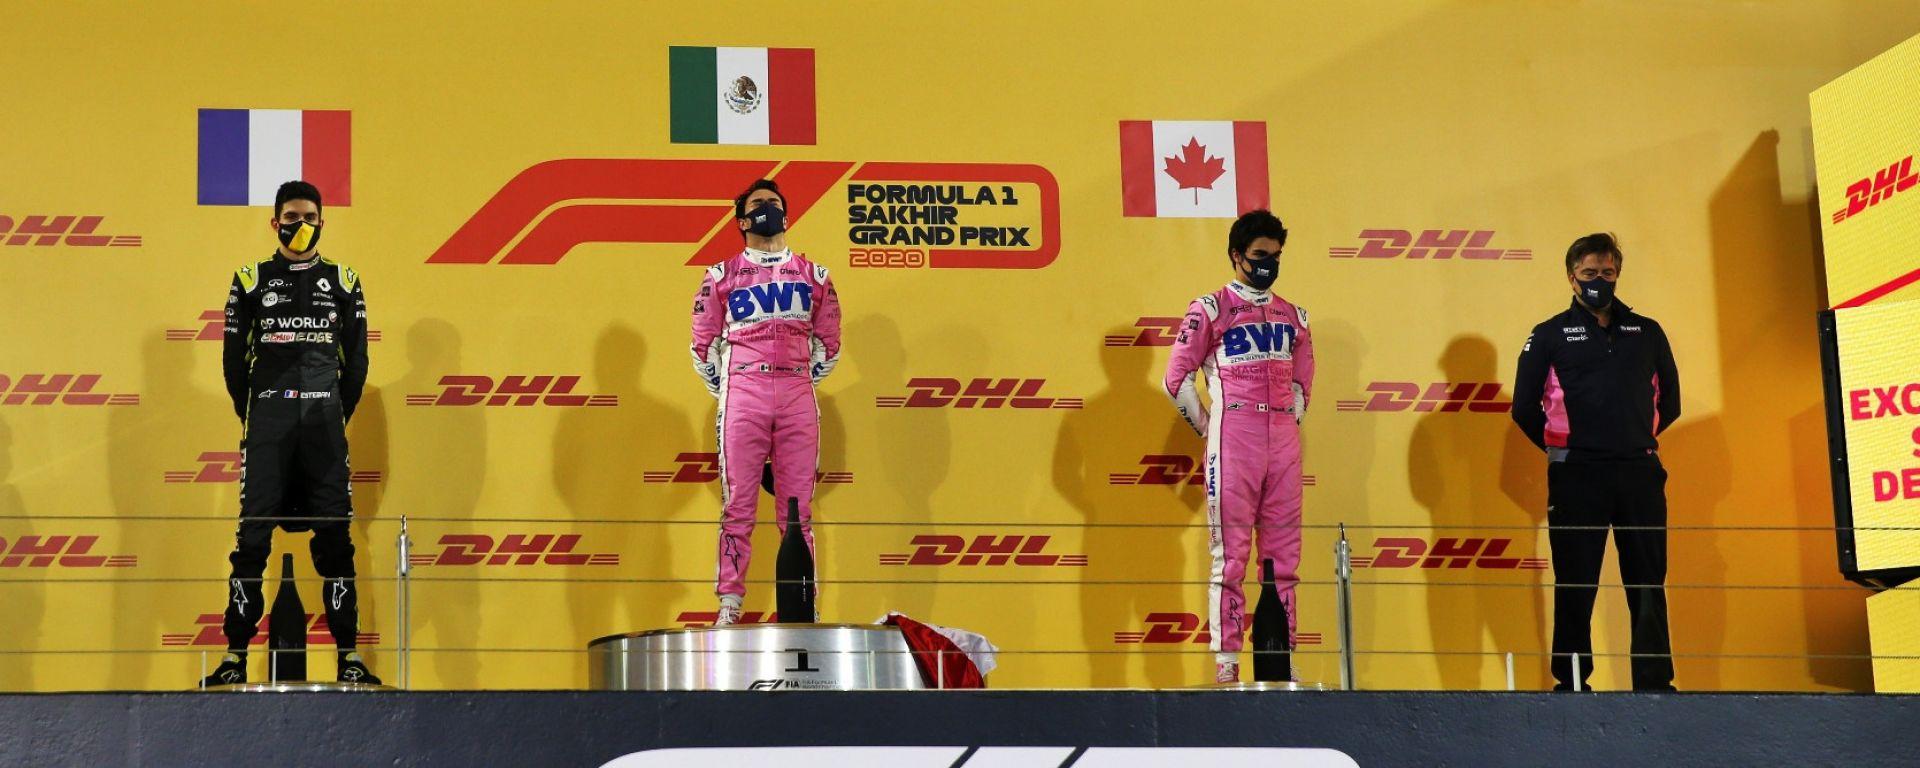 GP Sakhir 2020, il podio con Sergio Perez e Lance Stroll (Racing Point) ed Esteban Ocon (Renault)